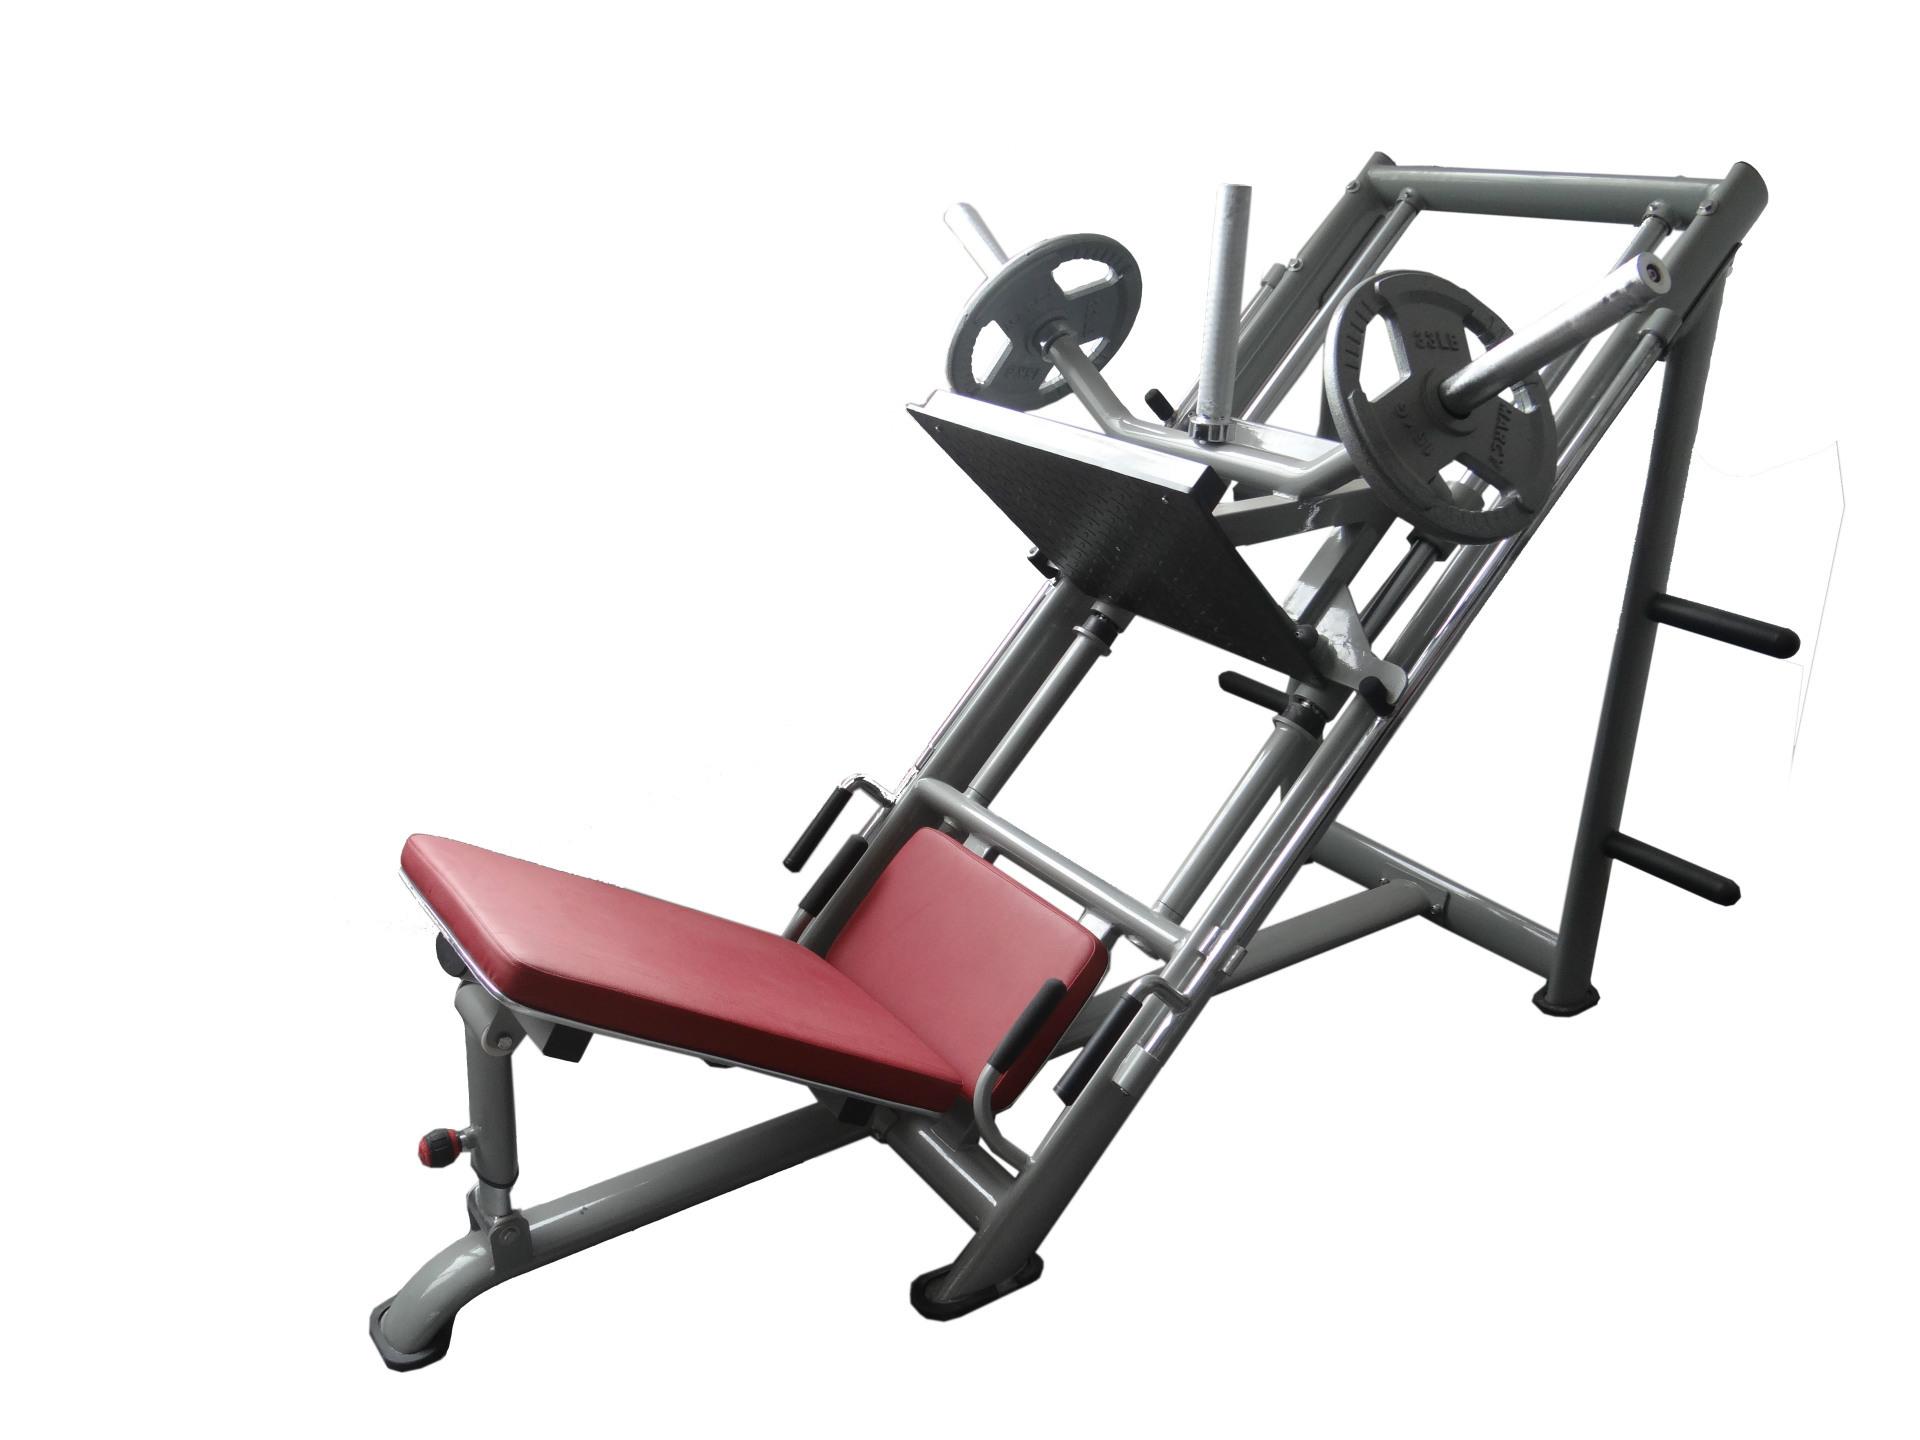 【倒蹬训练器、腿部训练、力量器材、健身房专